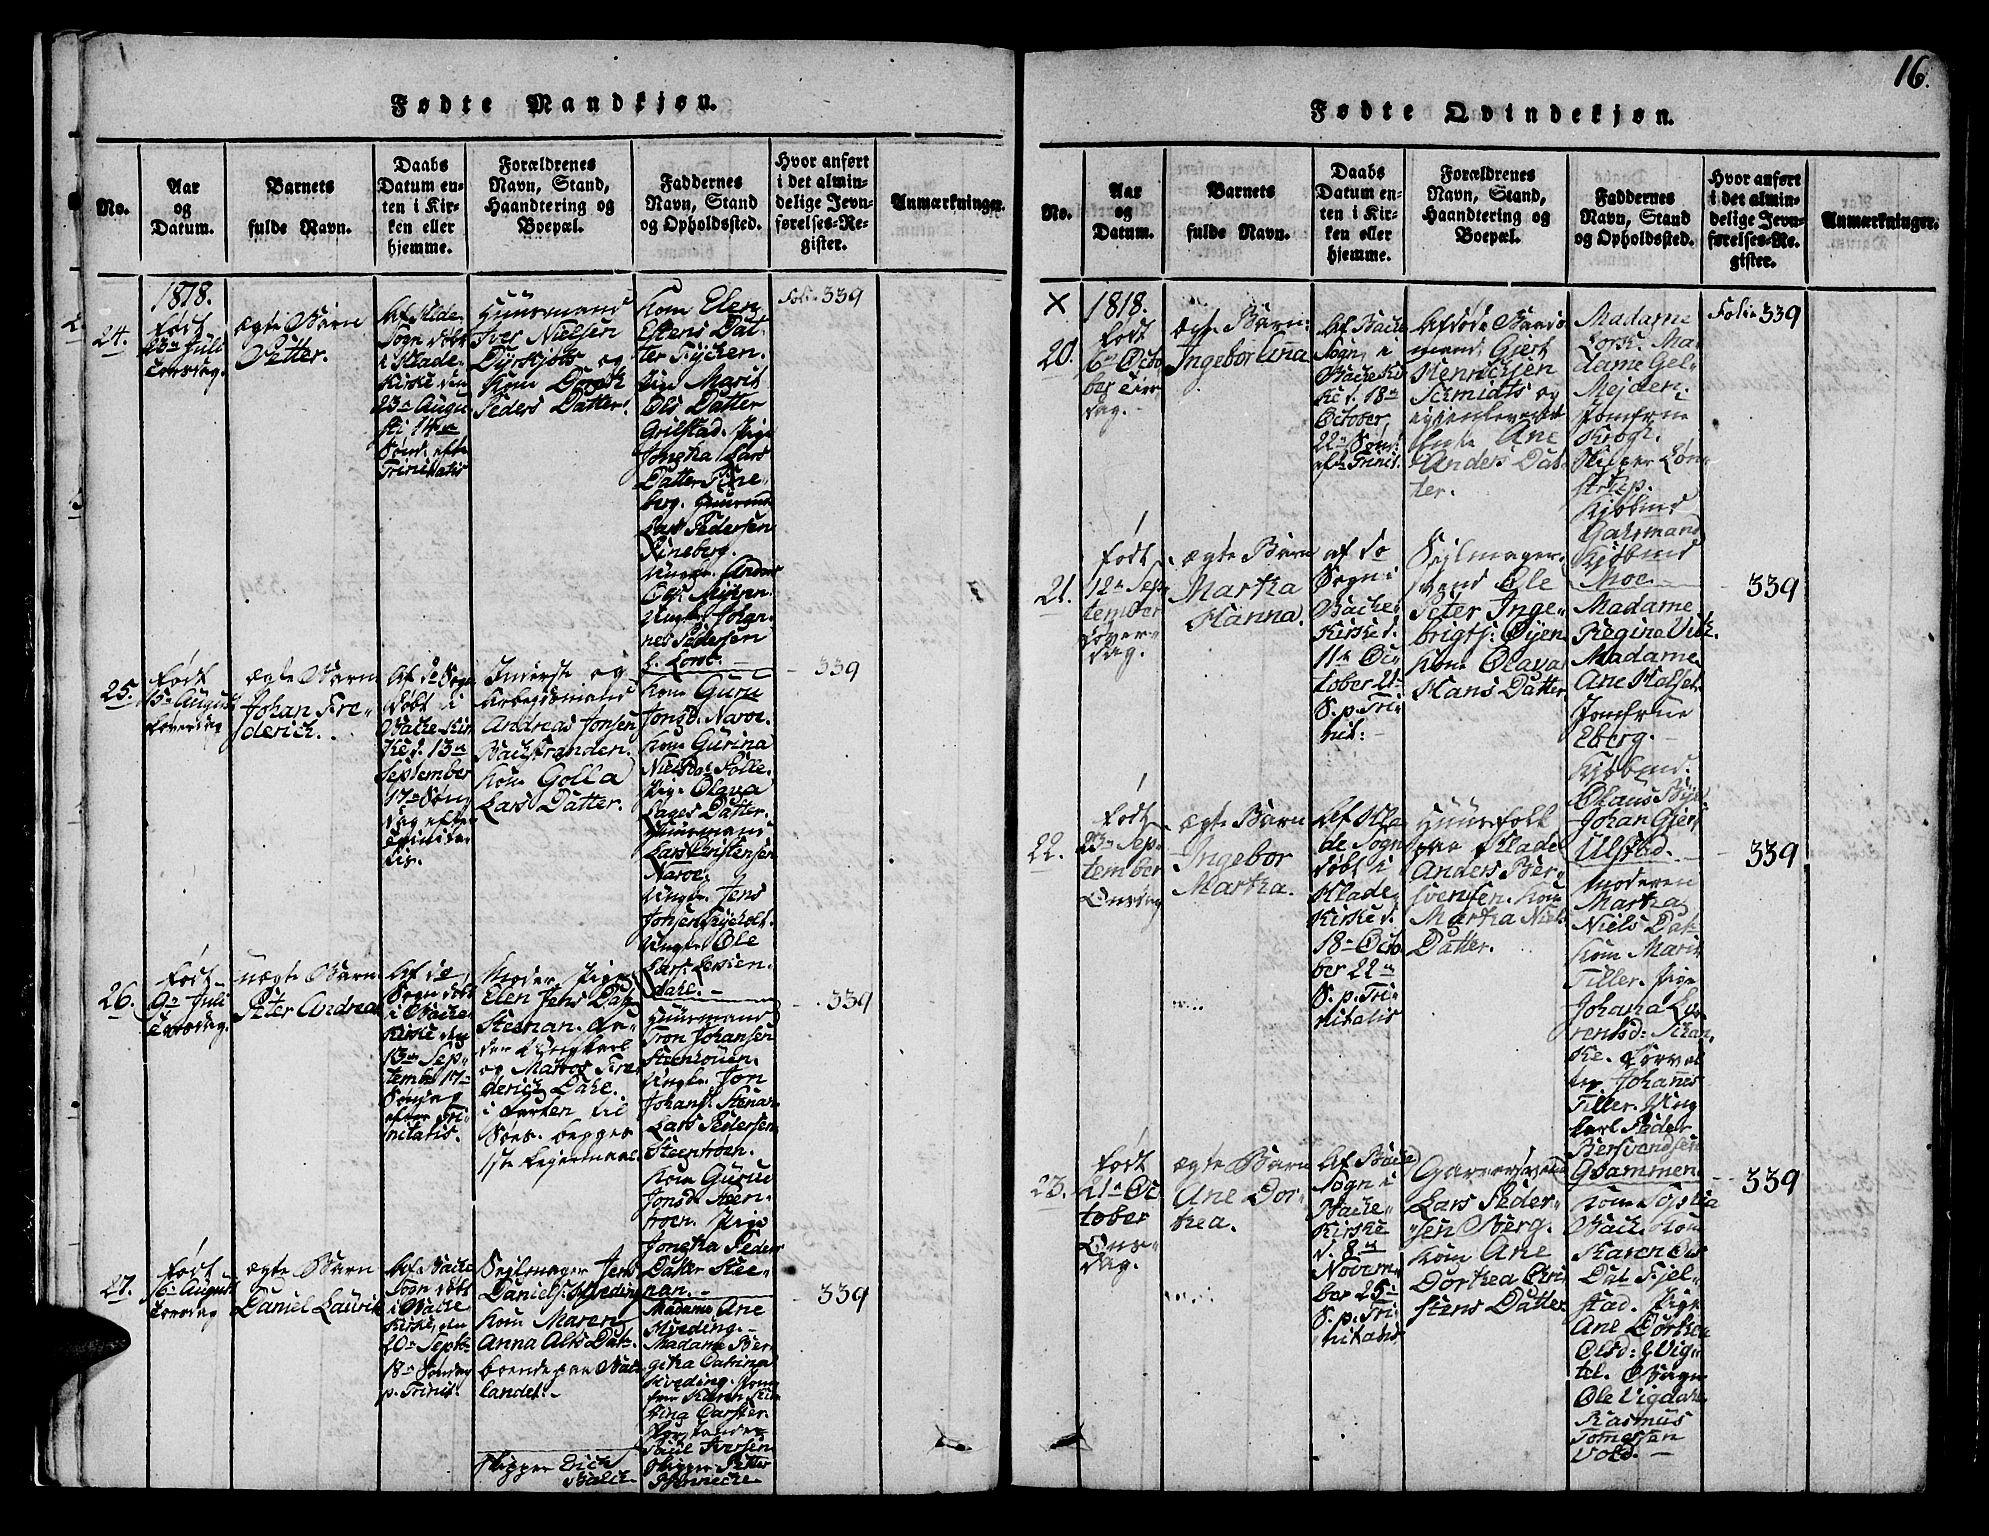 SAT, Ministerialprotokoller, klokkerbøker og fødselsregistre - Sør-Trøndelag, 606/L0307: Klokkerbok nr. 606C03, 1817-1824, s. 16